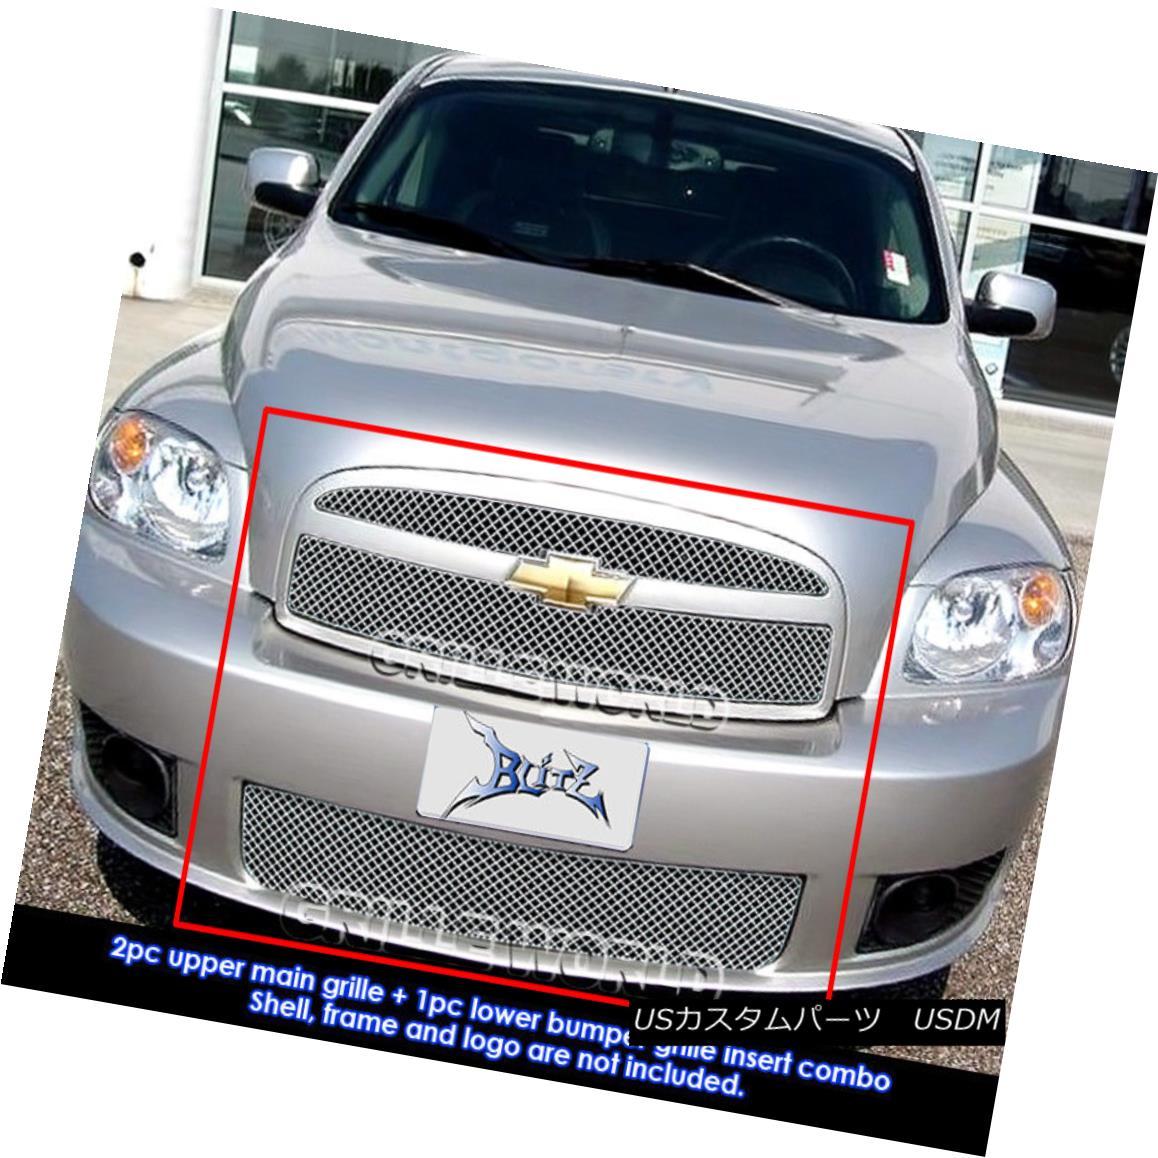 グリル For 2006-2010 Chevy HHR SS Stainless Steel X Mesh Grill Insert Combo Pack 2006-2010シボレーHHR SSステンレススチールXメッシュグリルインサートコンボパック